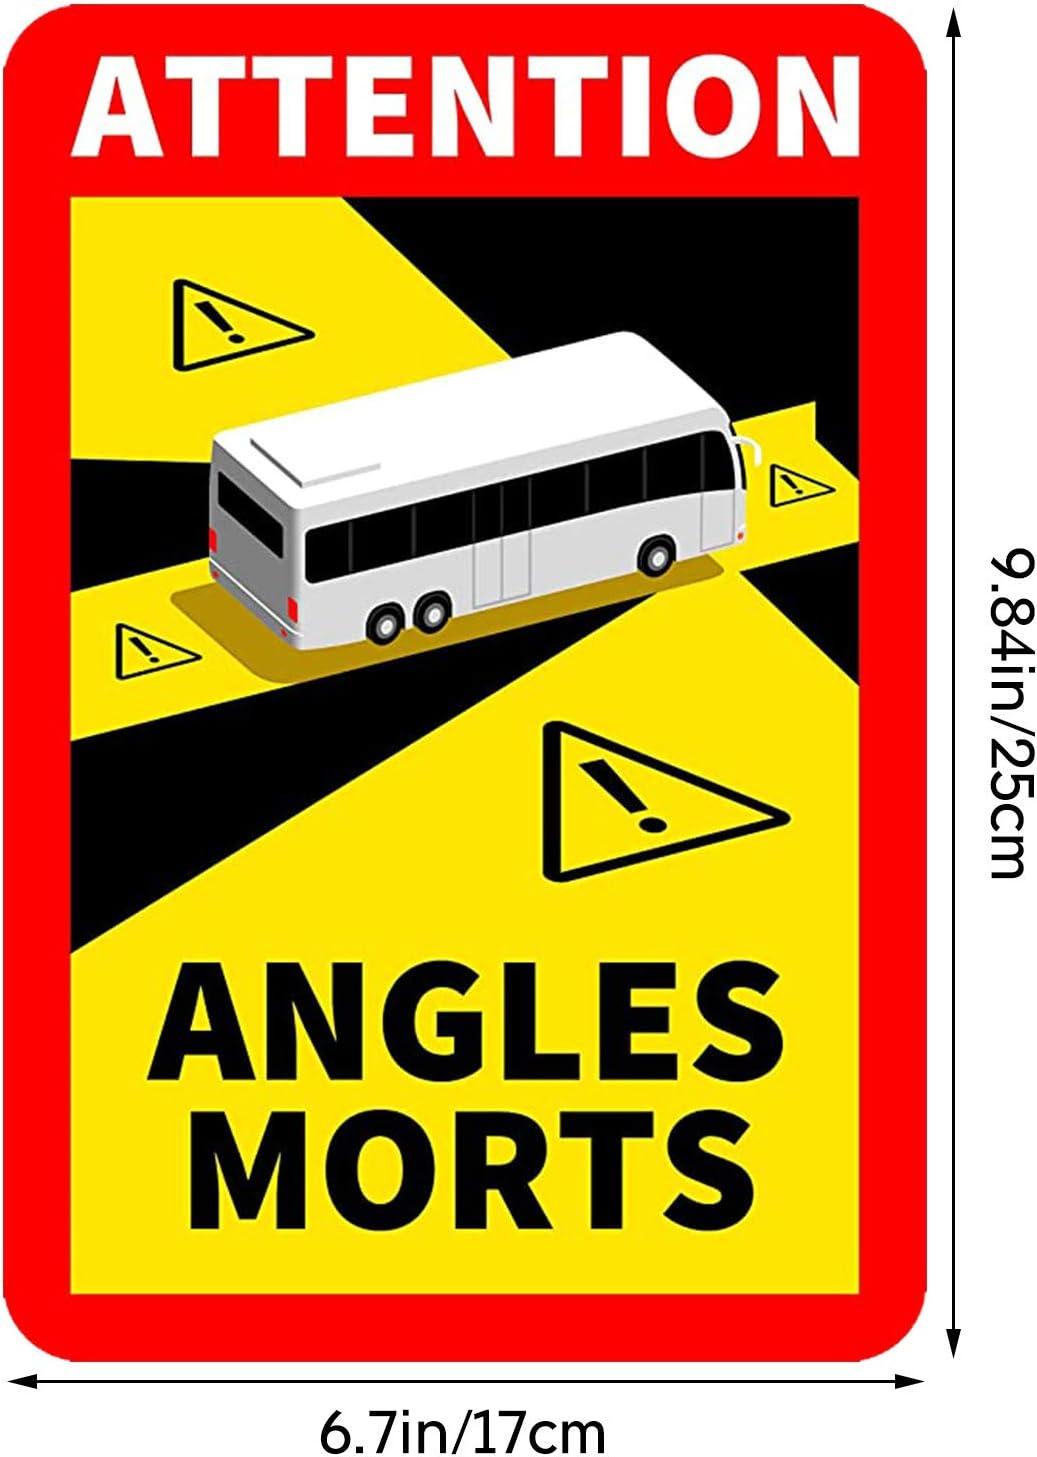 Lkw Bus Toter Winkel Aufkleber Frankreich Angles Morts Blind Spot Auf Schweren Fahrzeugen Wasserdicht L 170 X H 250 Autoaufkleber Sicherheitswarnung Auto Selbstklebend Bus 3 Stück Auto